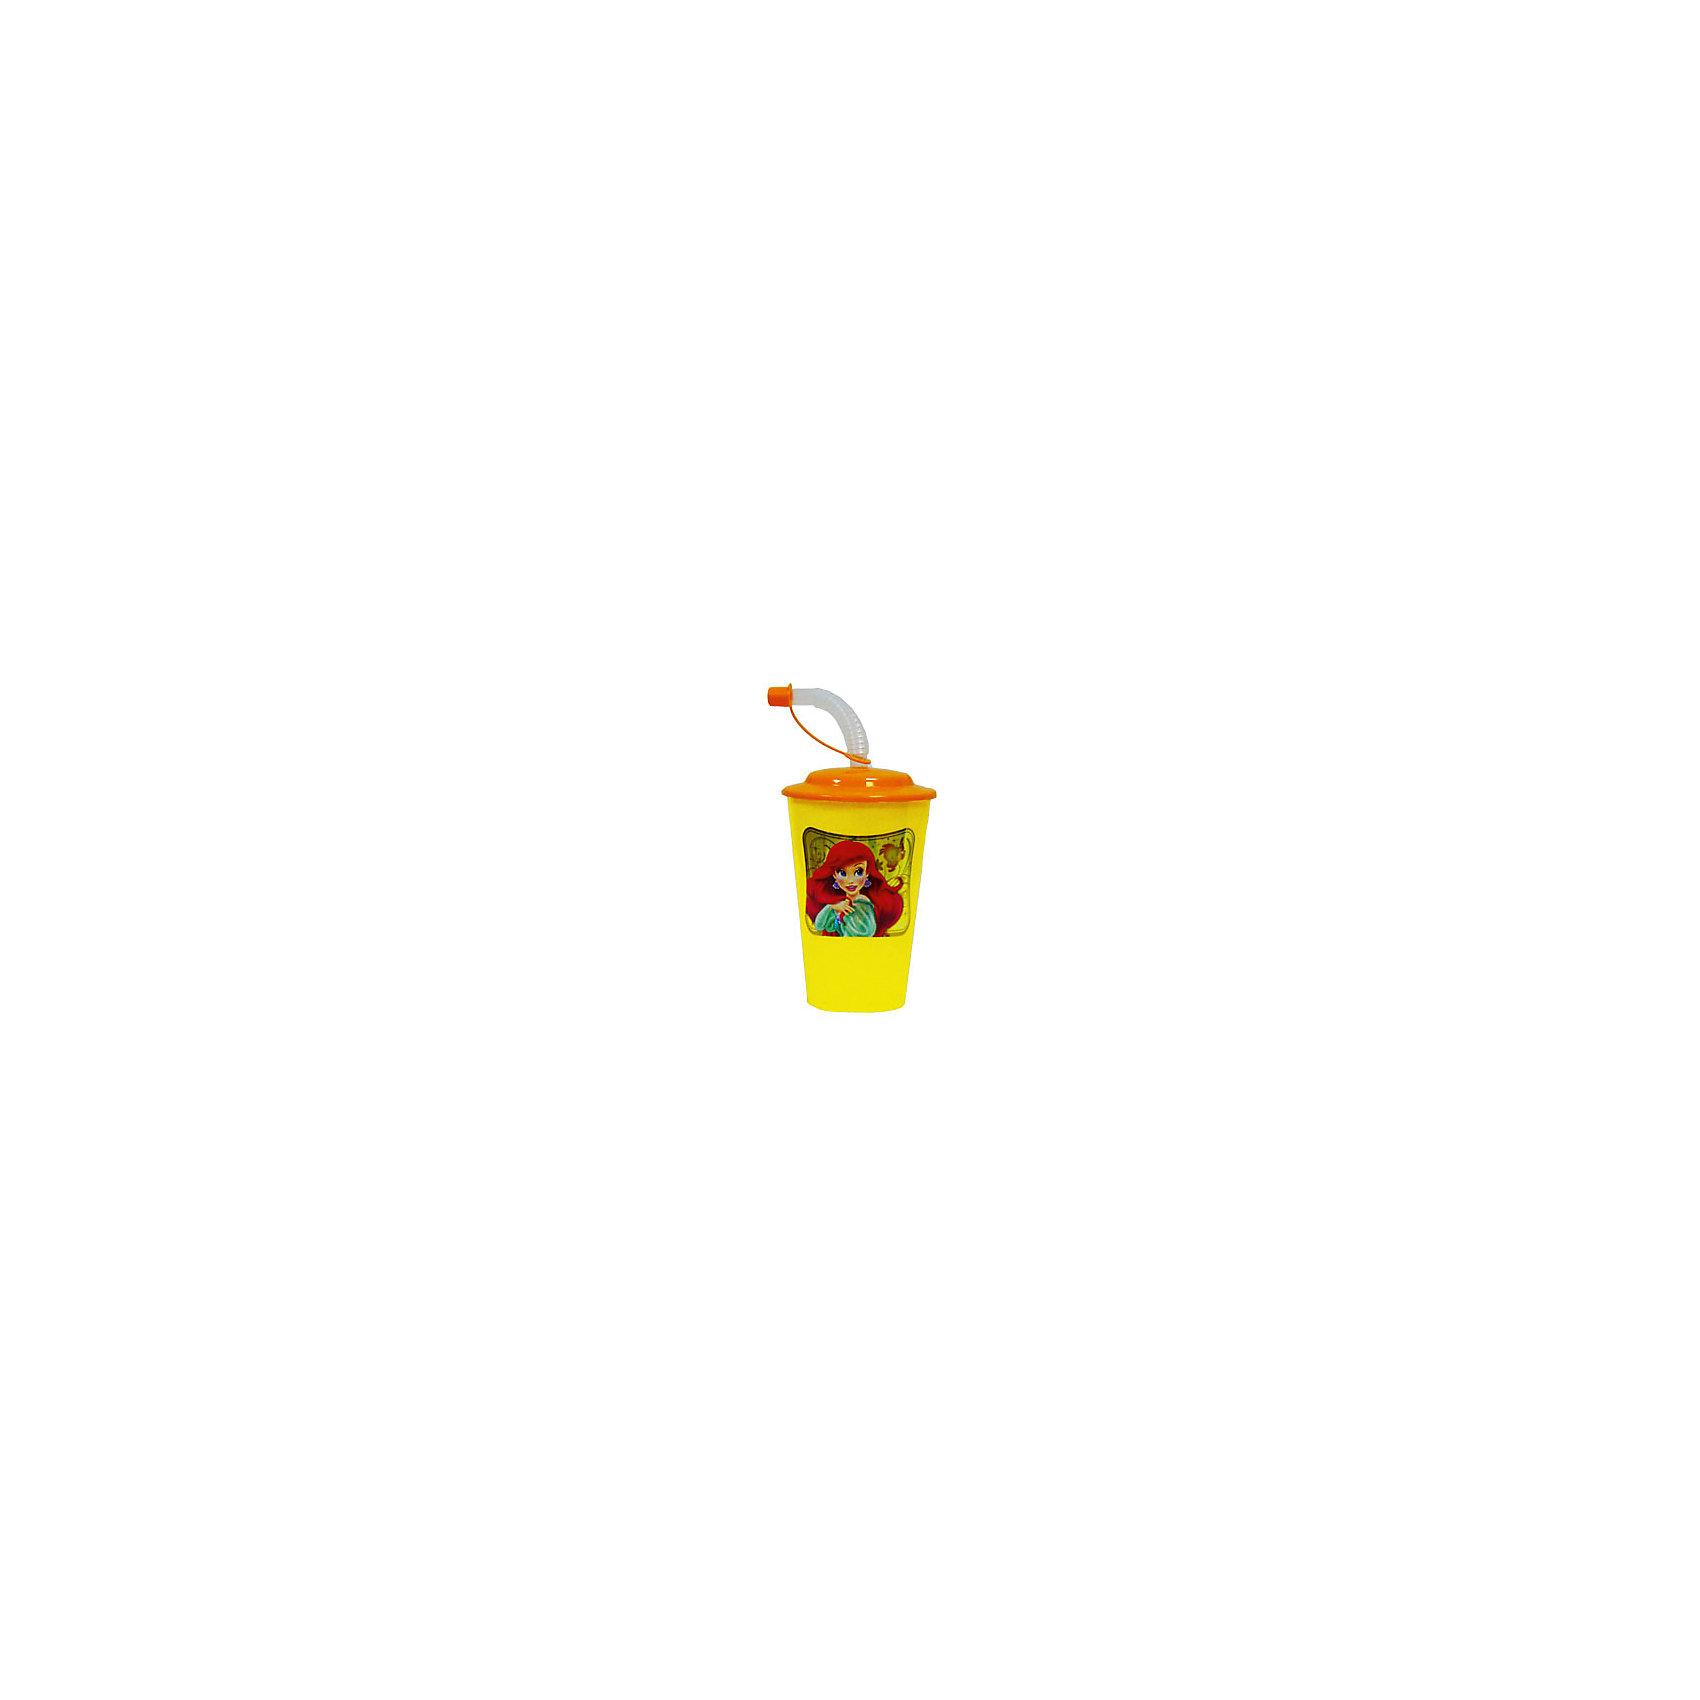 Стакан с крышкой и трубочкой, 500 млСтакан с изображением любимой принцессы обязательно понравится девочкам. Пить из него приятнее вдвойне! Стакан имеет удобную крышку, исключающую проливание и гибкую трубочку с пластиковым закрывающимся наконечником, выполнен из высококачественного экологичного пищевого пластика. Пластиковая посуда - практичная и безопасная, ее можно брать с собой куда угодно, не беспокоясь, что она может разбиться и поранить ребенка.   <br><br>Дополнительная информация:<br><br>- Материал: пластик.<br>- Объем: 500 мл.<br><br>Стакан с крышкой и трубочкой, 500 мл, можно купить в нашем магазине.<br><br>Ширина мм: 110<br>Глубина мм: 90<br>Высота мм: 190<br>Вес г: 65<br>Возраст от месяцев: 36<br>Возраст до месяцев: 144<br>Пол: Женский<br>Возраст: Детский<br>SKU: 4761396